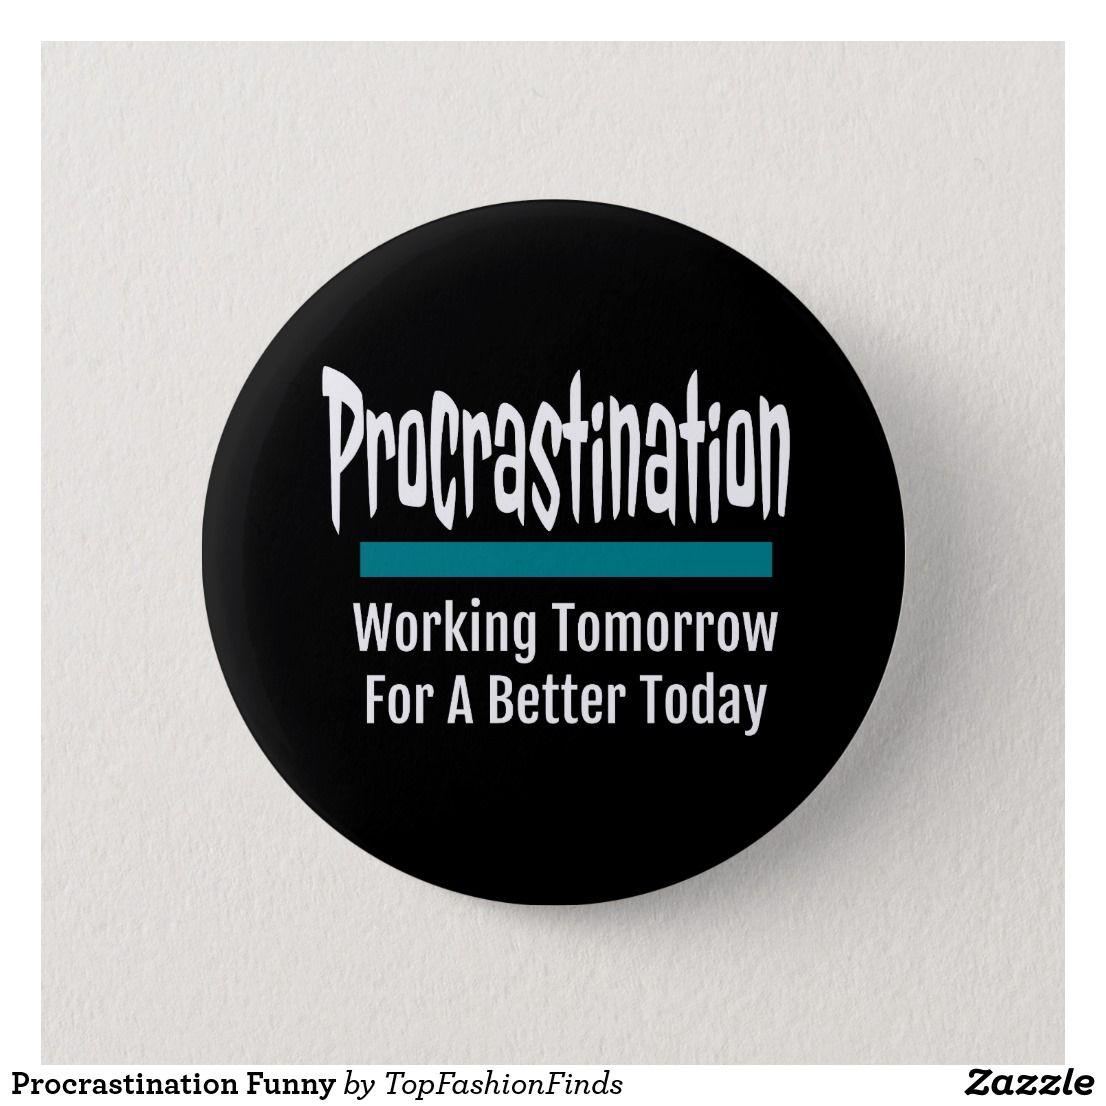 Procrastination Funny Button Zazzle Com In 2021 Procrastination Humor Procrastination Quotes Funny Procrastination Quotes